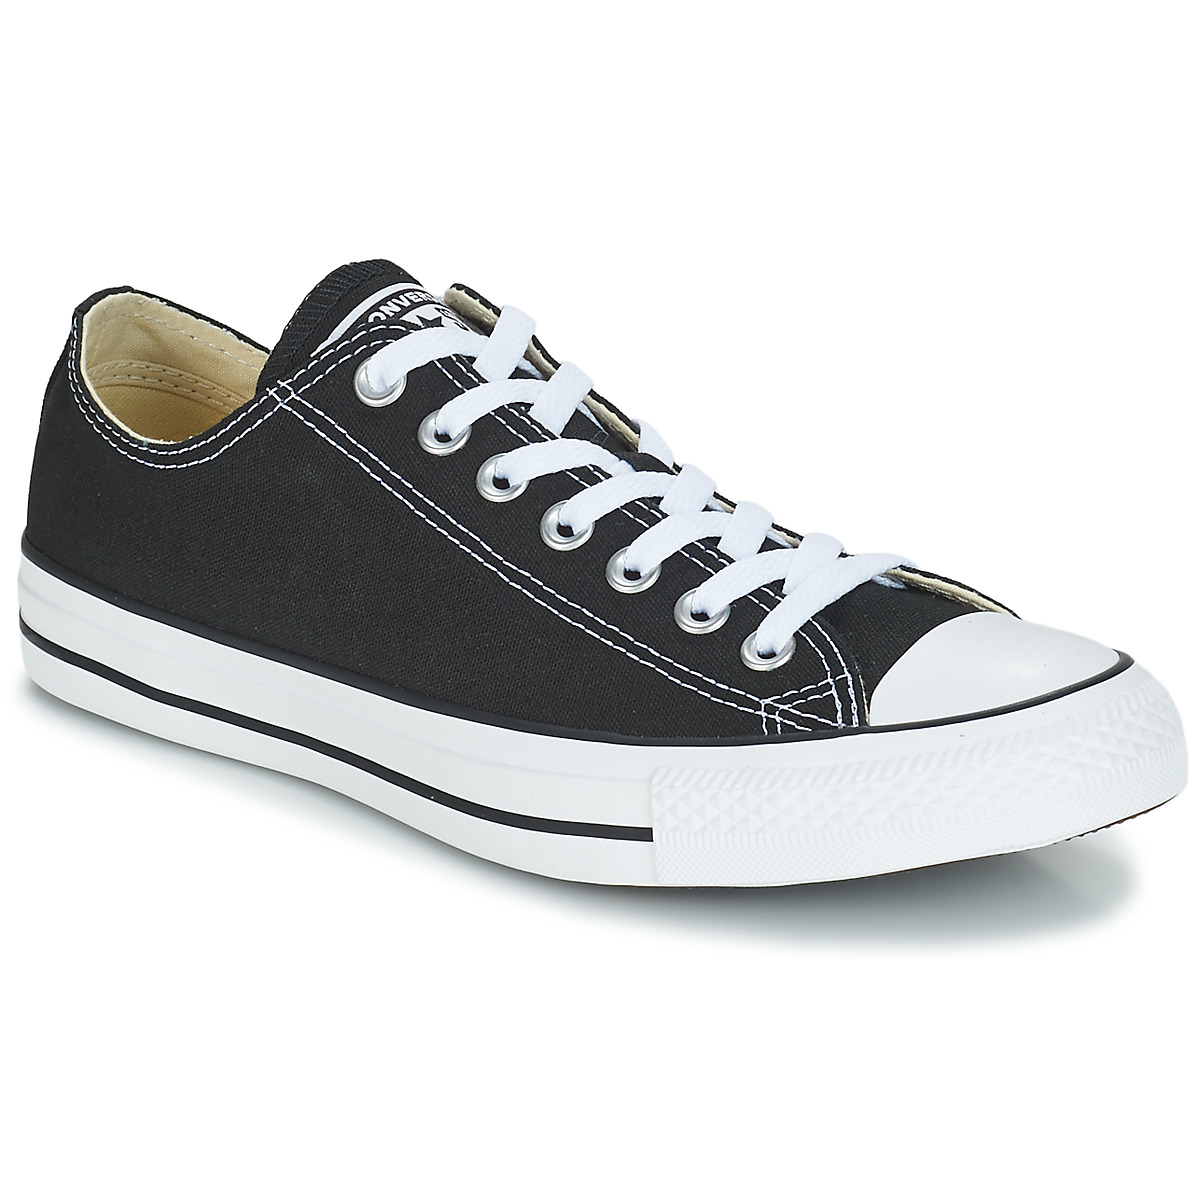 Converse ALL STAR CORE OX Black